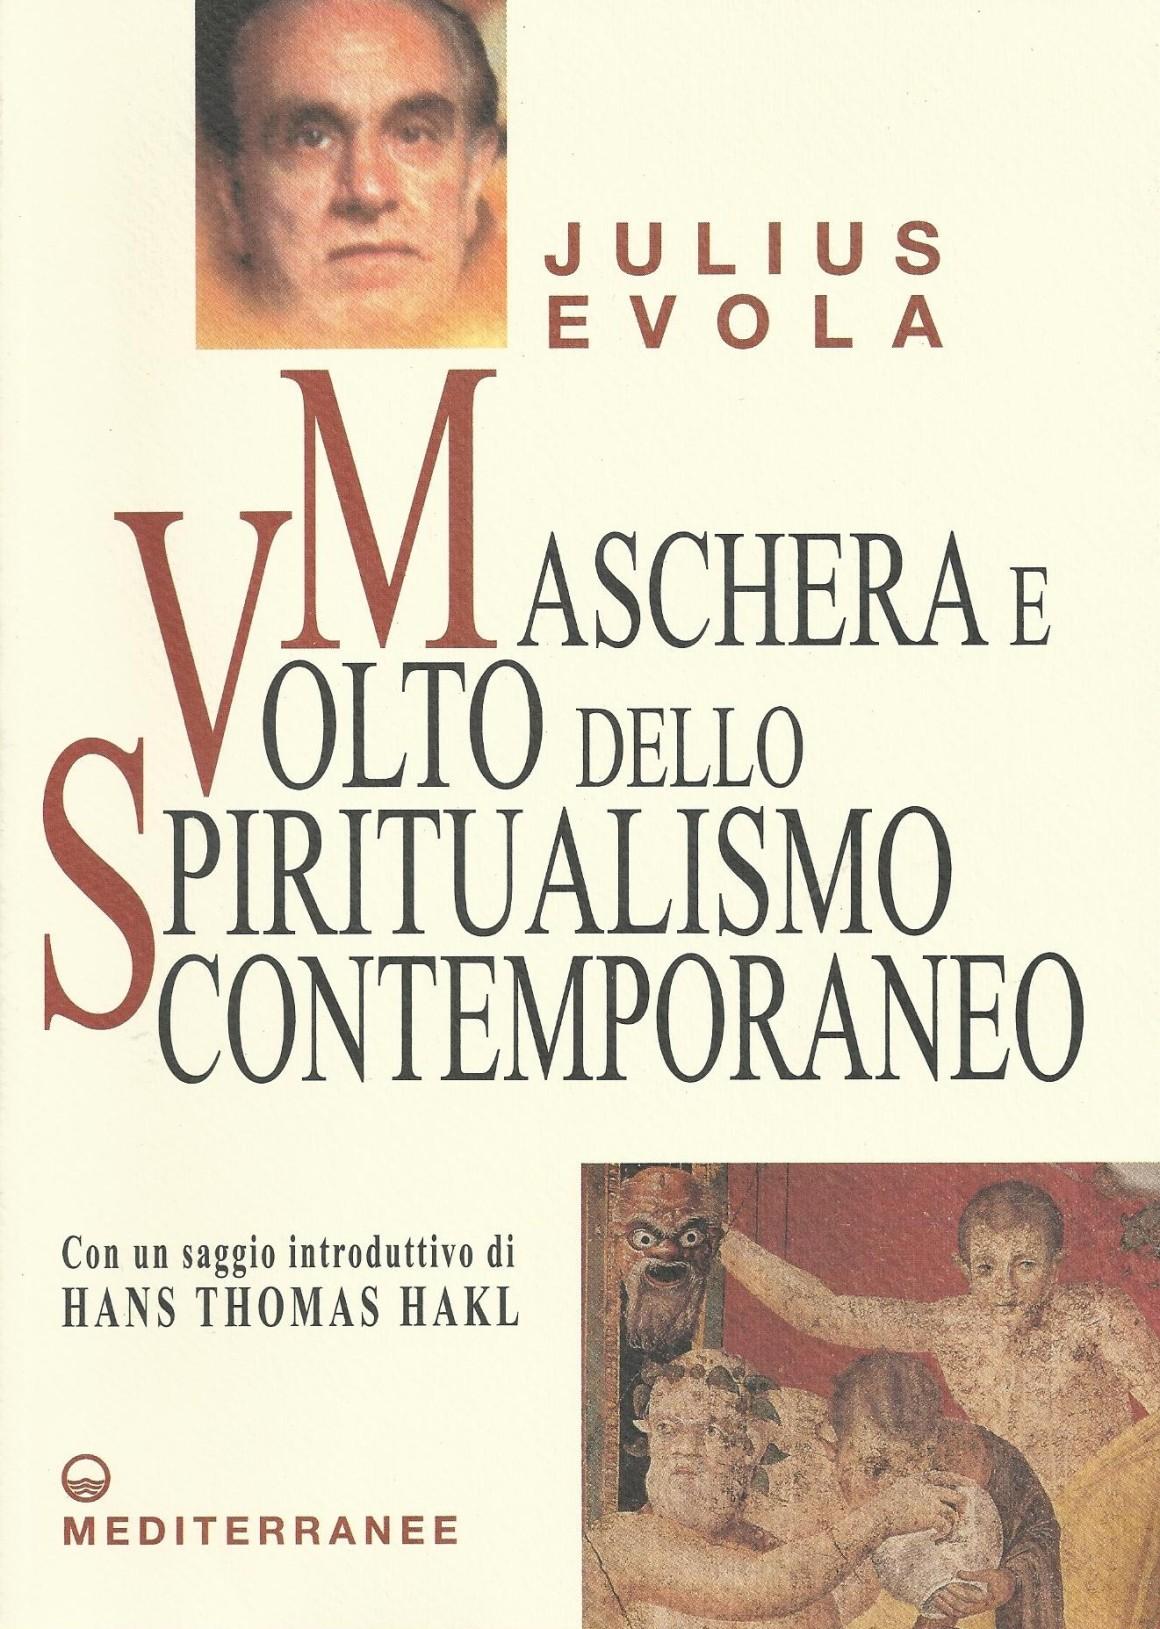 maschera-e-volto-dello-spiritualismo-contemporaneo-neospiritualismo